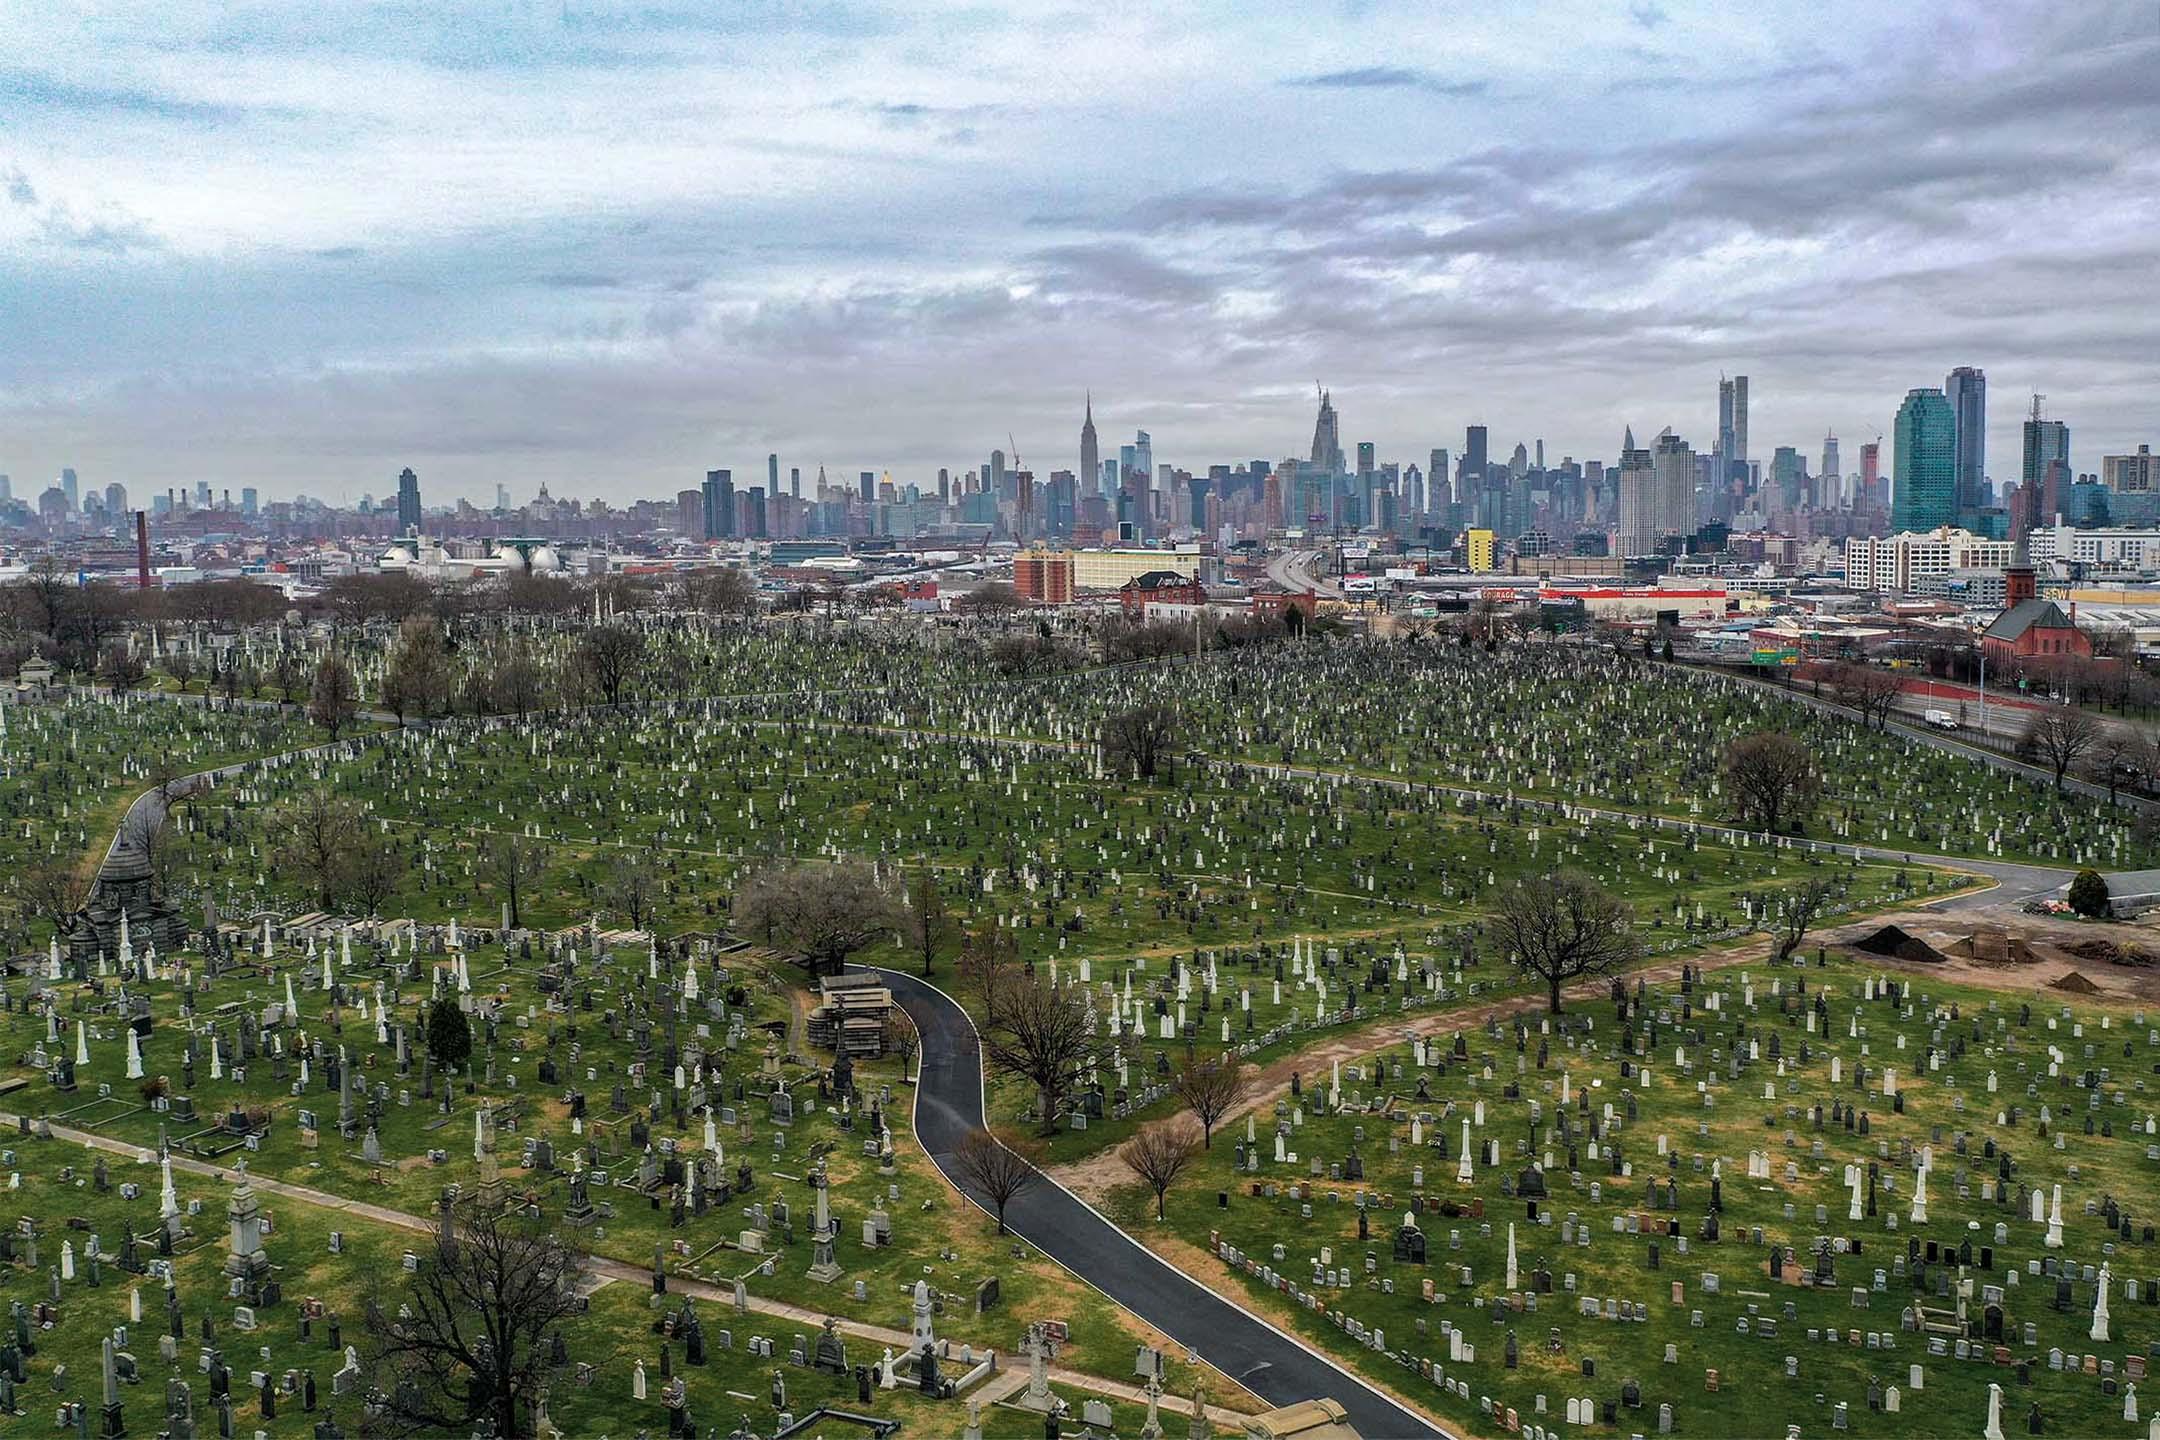 2020年3月28日2019冠狀病毒流行期間,紐約的一座公墓。